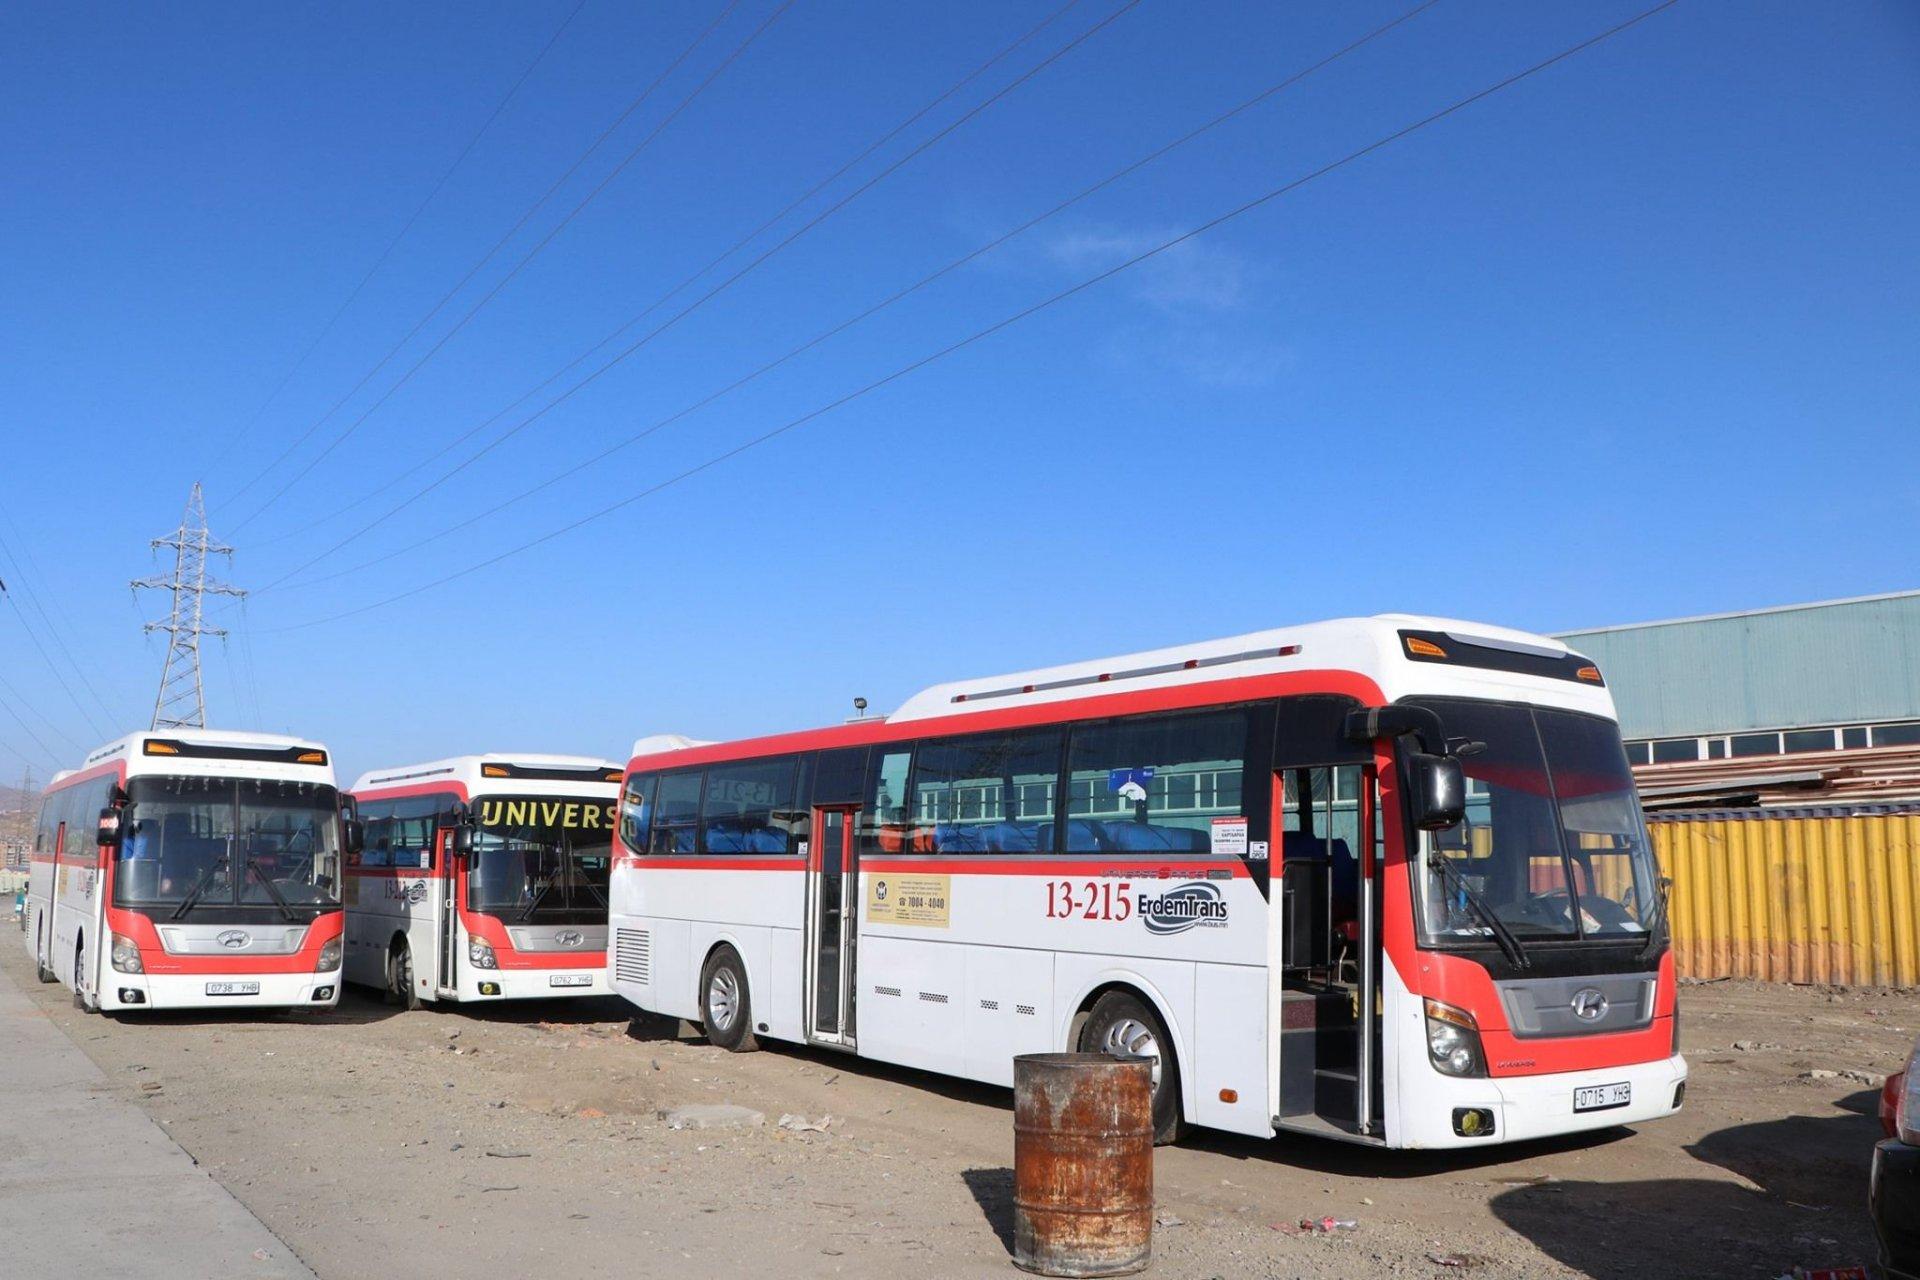 Налайхын чиглэлд хамгийн өнгө үзэмжтэй автобуснуудаа явуулна